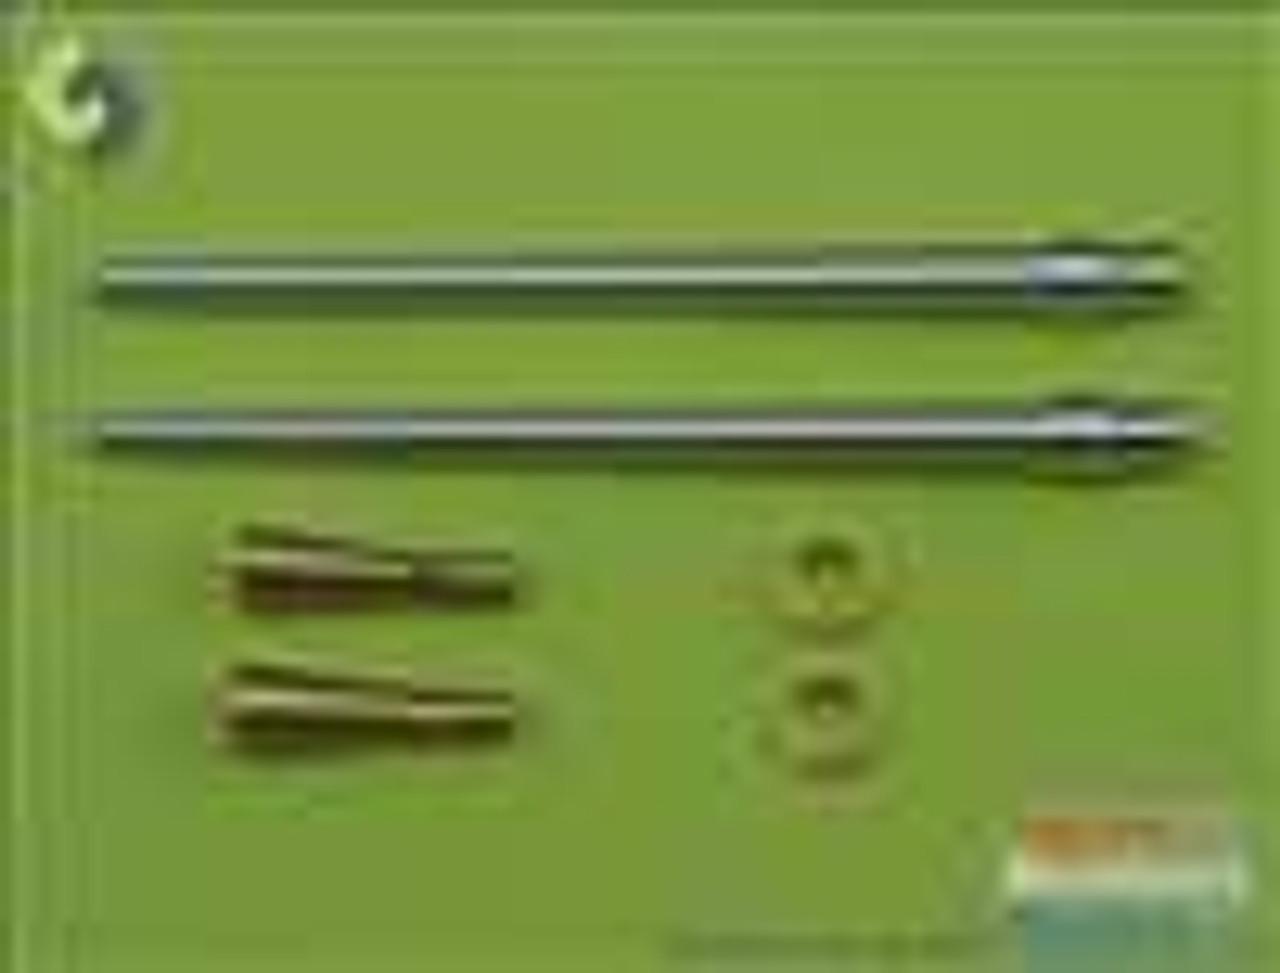 MASAM32014 1:32 Master Model German aircraft cannon 3.7cm Flak 18 gun barrels (2pcs) #AM32014